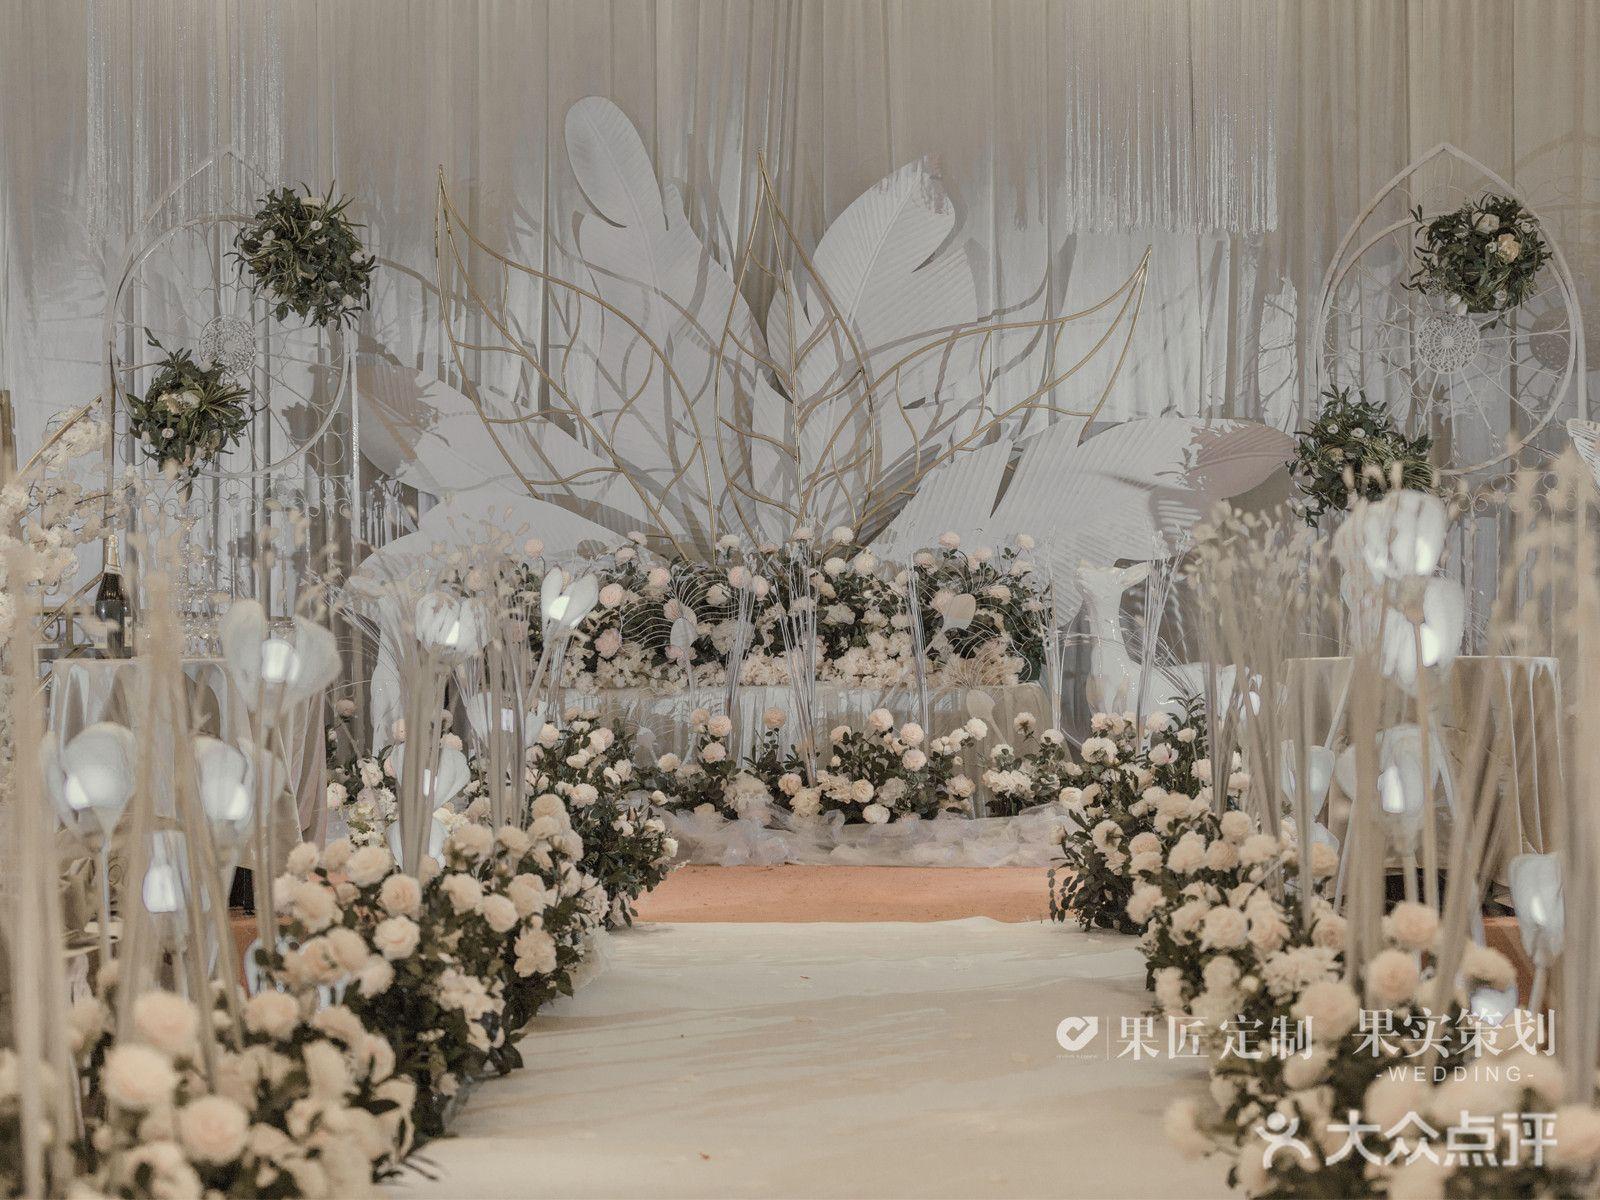 果匠婚礼定制中心的图片